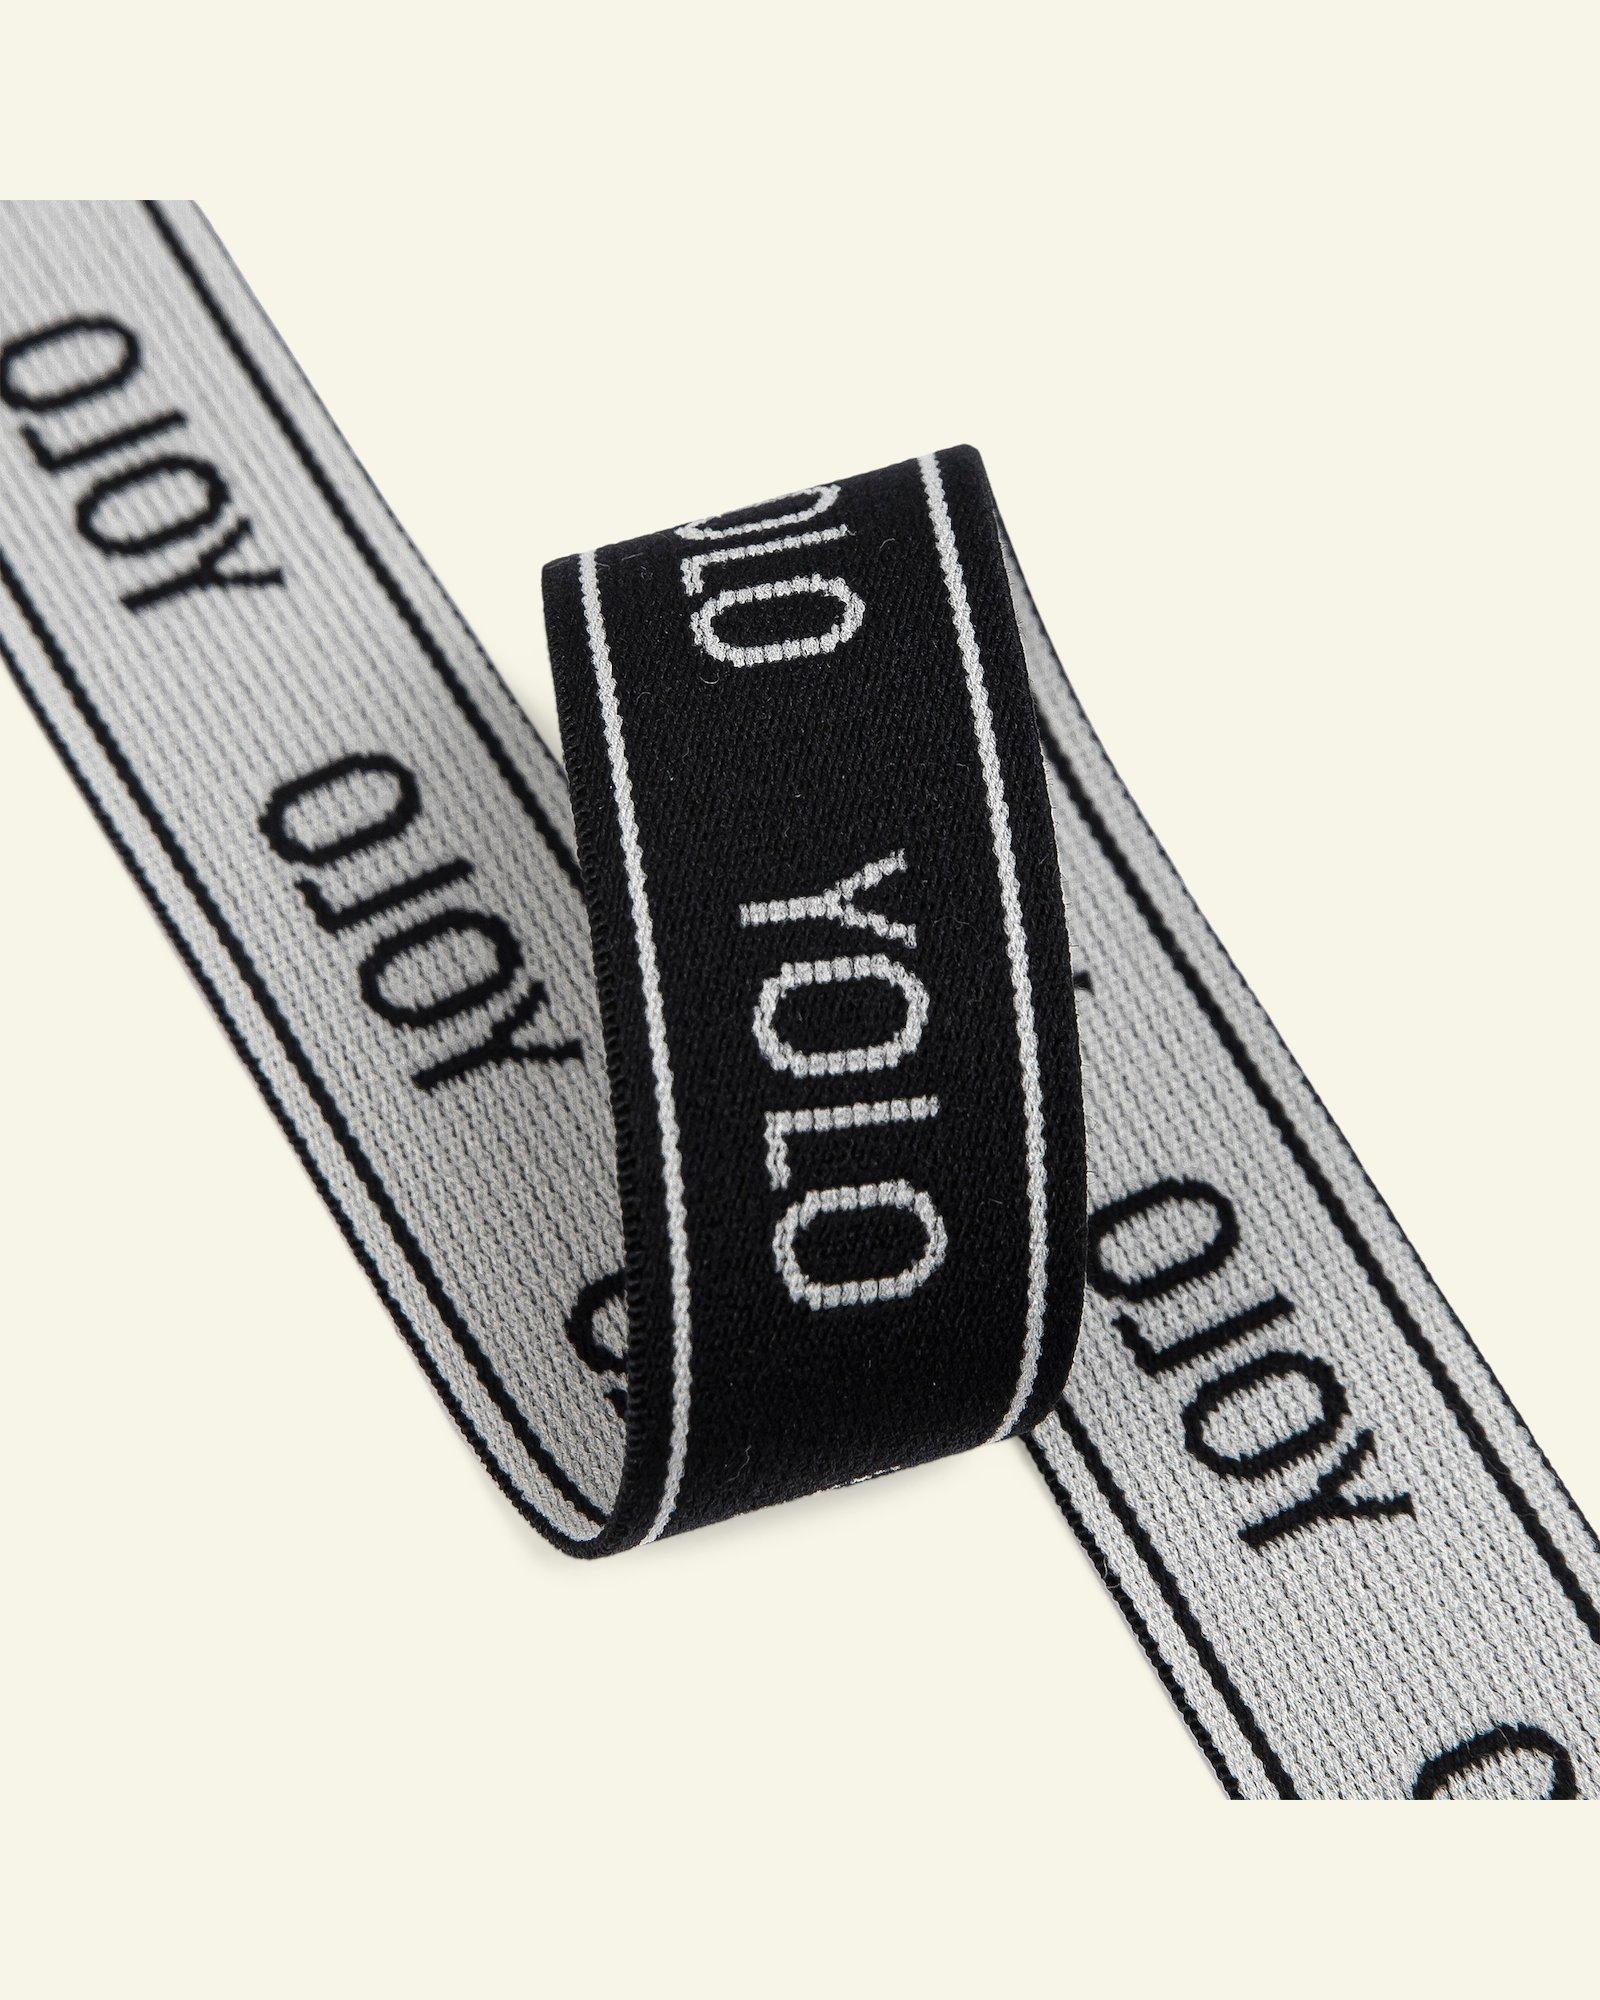 Elastic YOLO 29mm black/white 2m